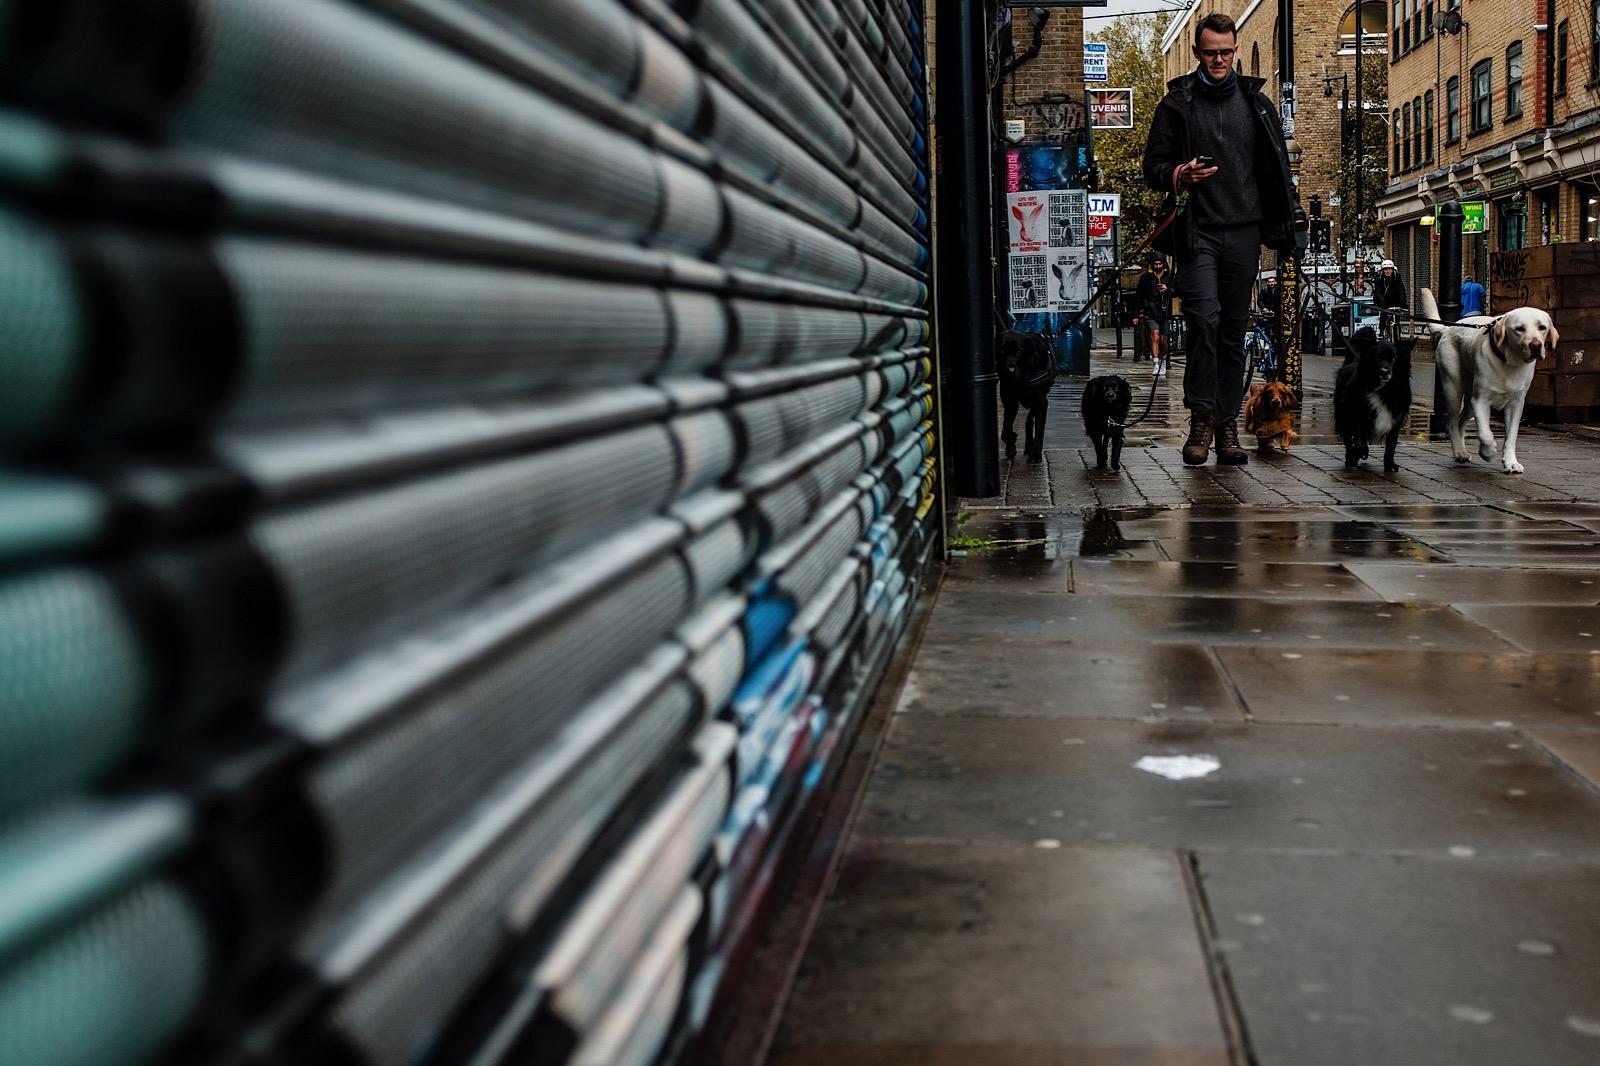 Man walking 4 dogs in London